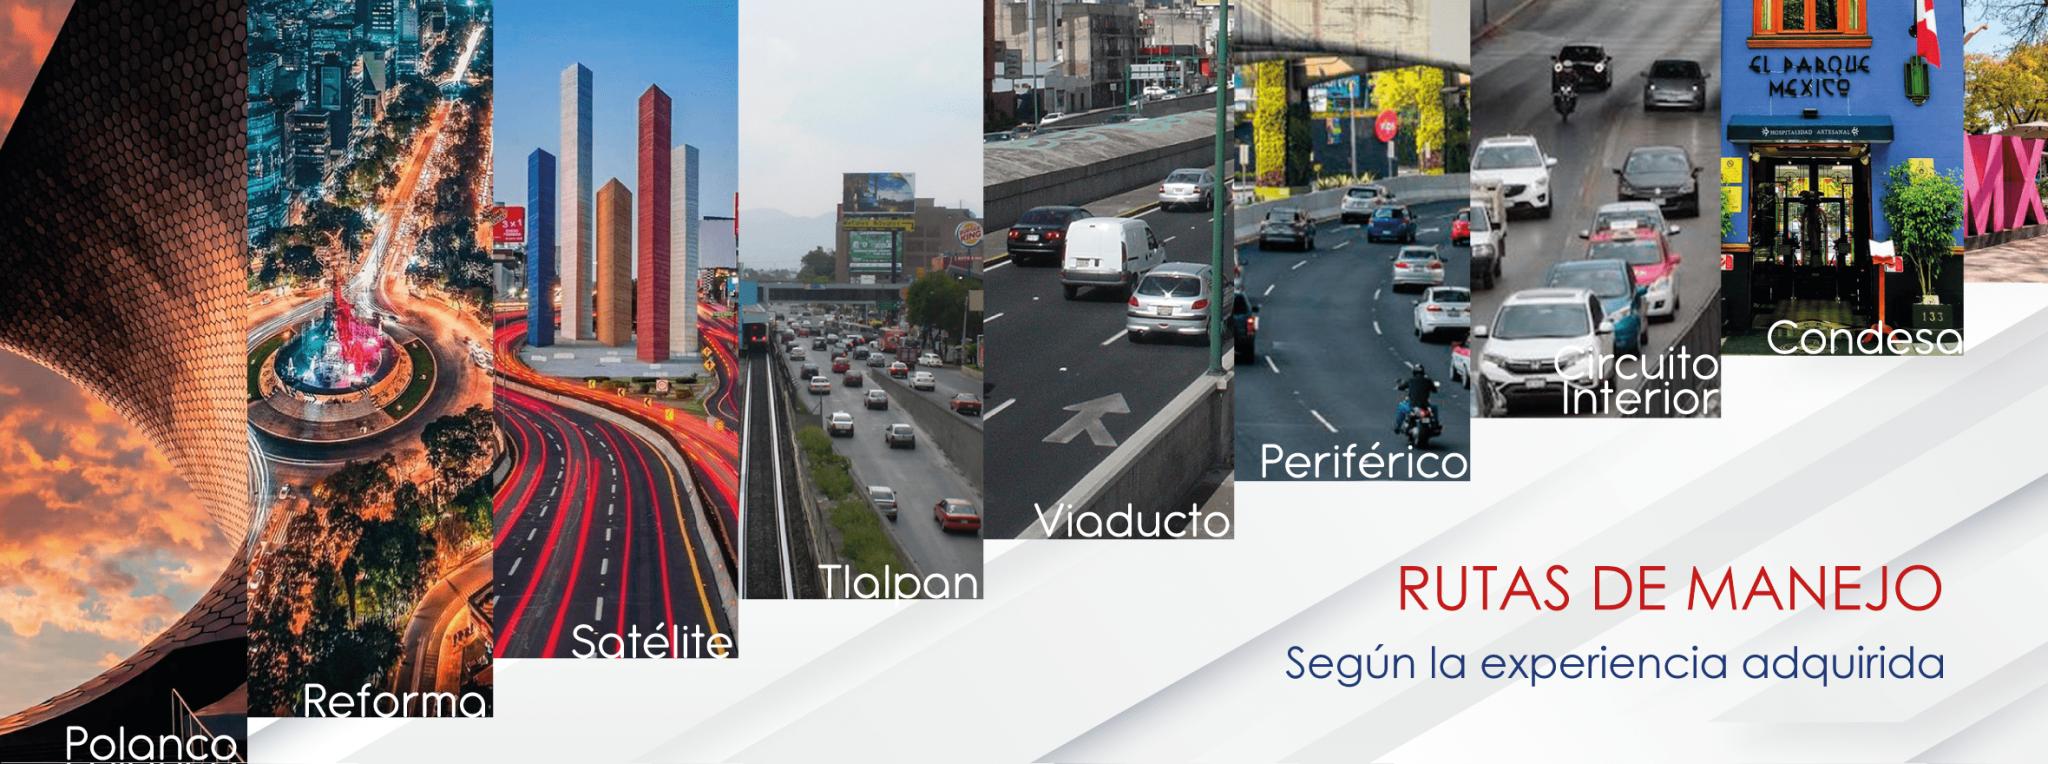 Nuestros cursos se toman en vialidades rápidas de la Ciudad de México